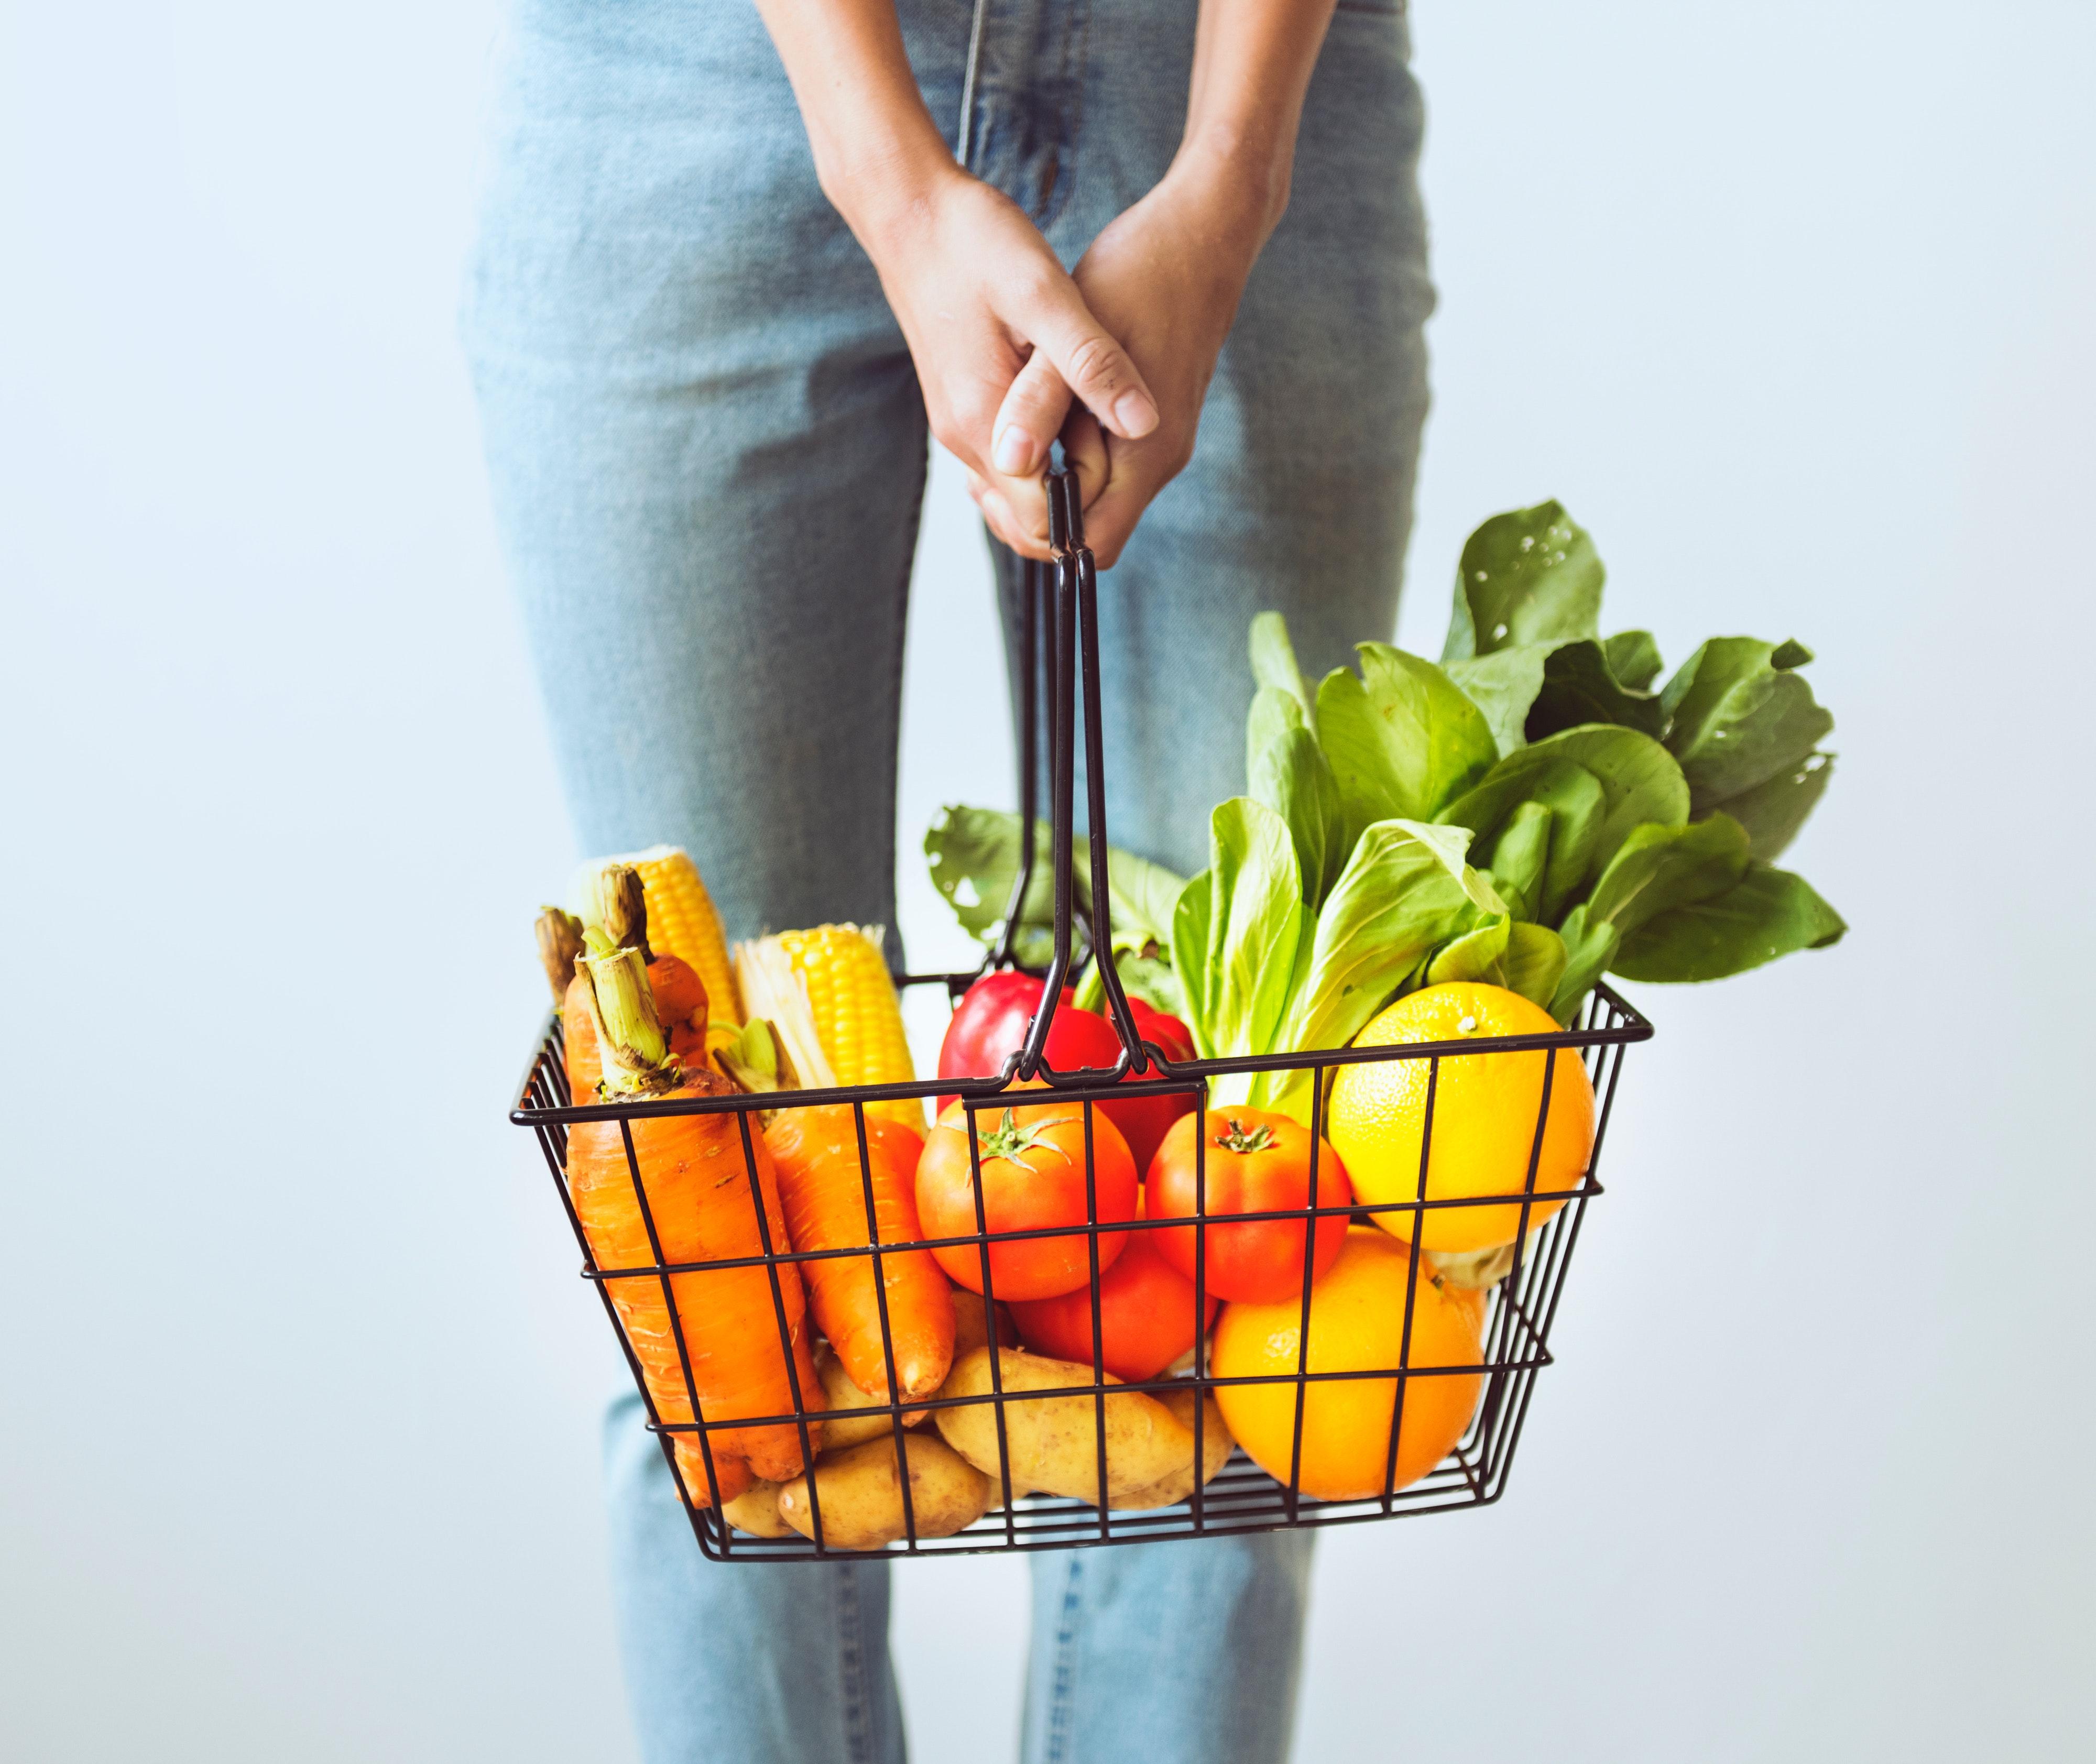 5 érv, hogy növényalapú táplálkozásra válts